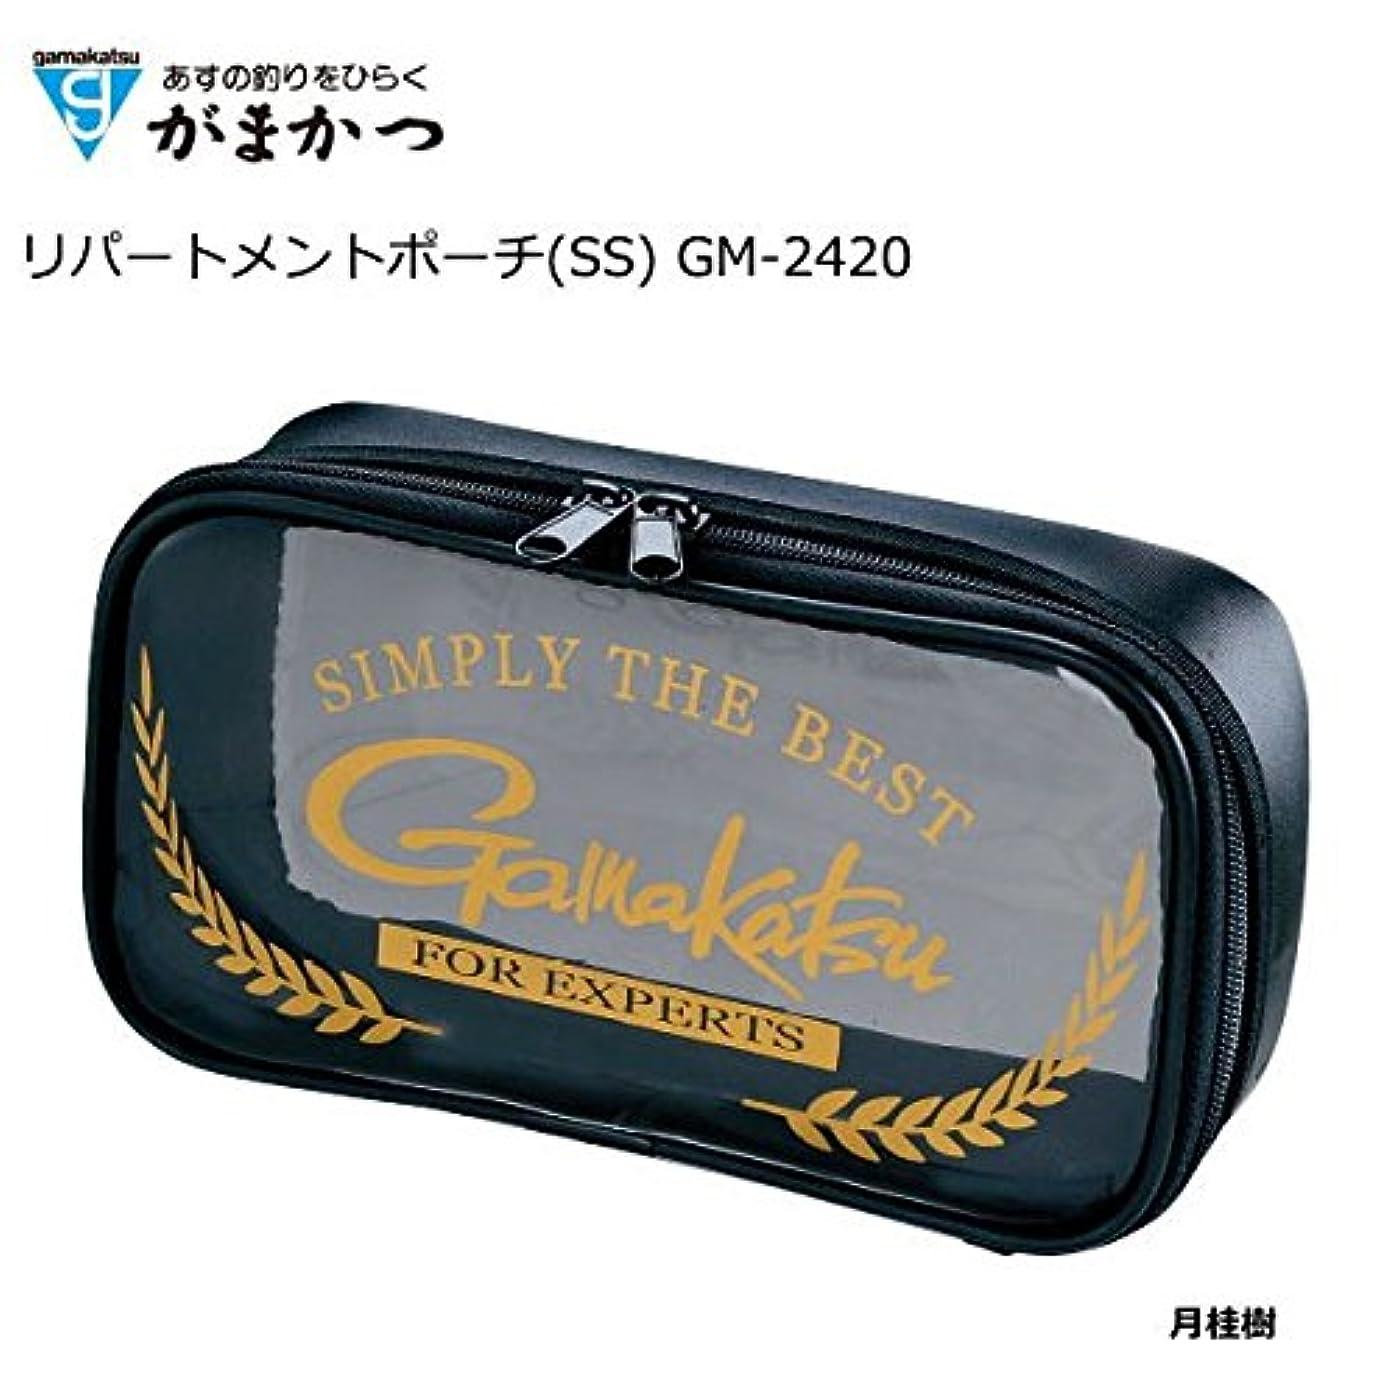 とんでもないのため教会がまかつ(Gamakatsu) リパートメントポーチ SS 月桂樹 GM-2420